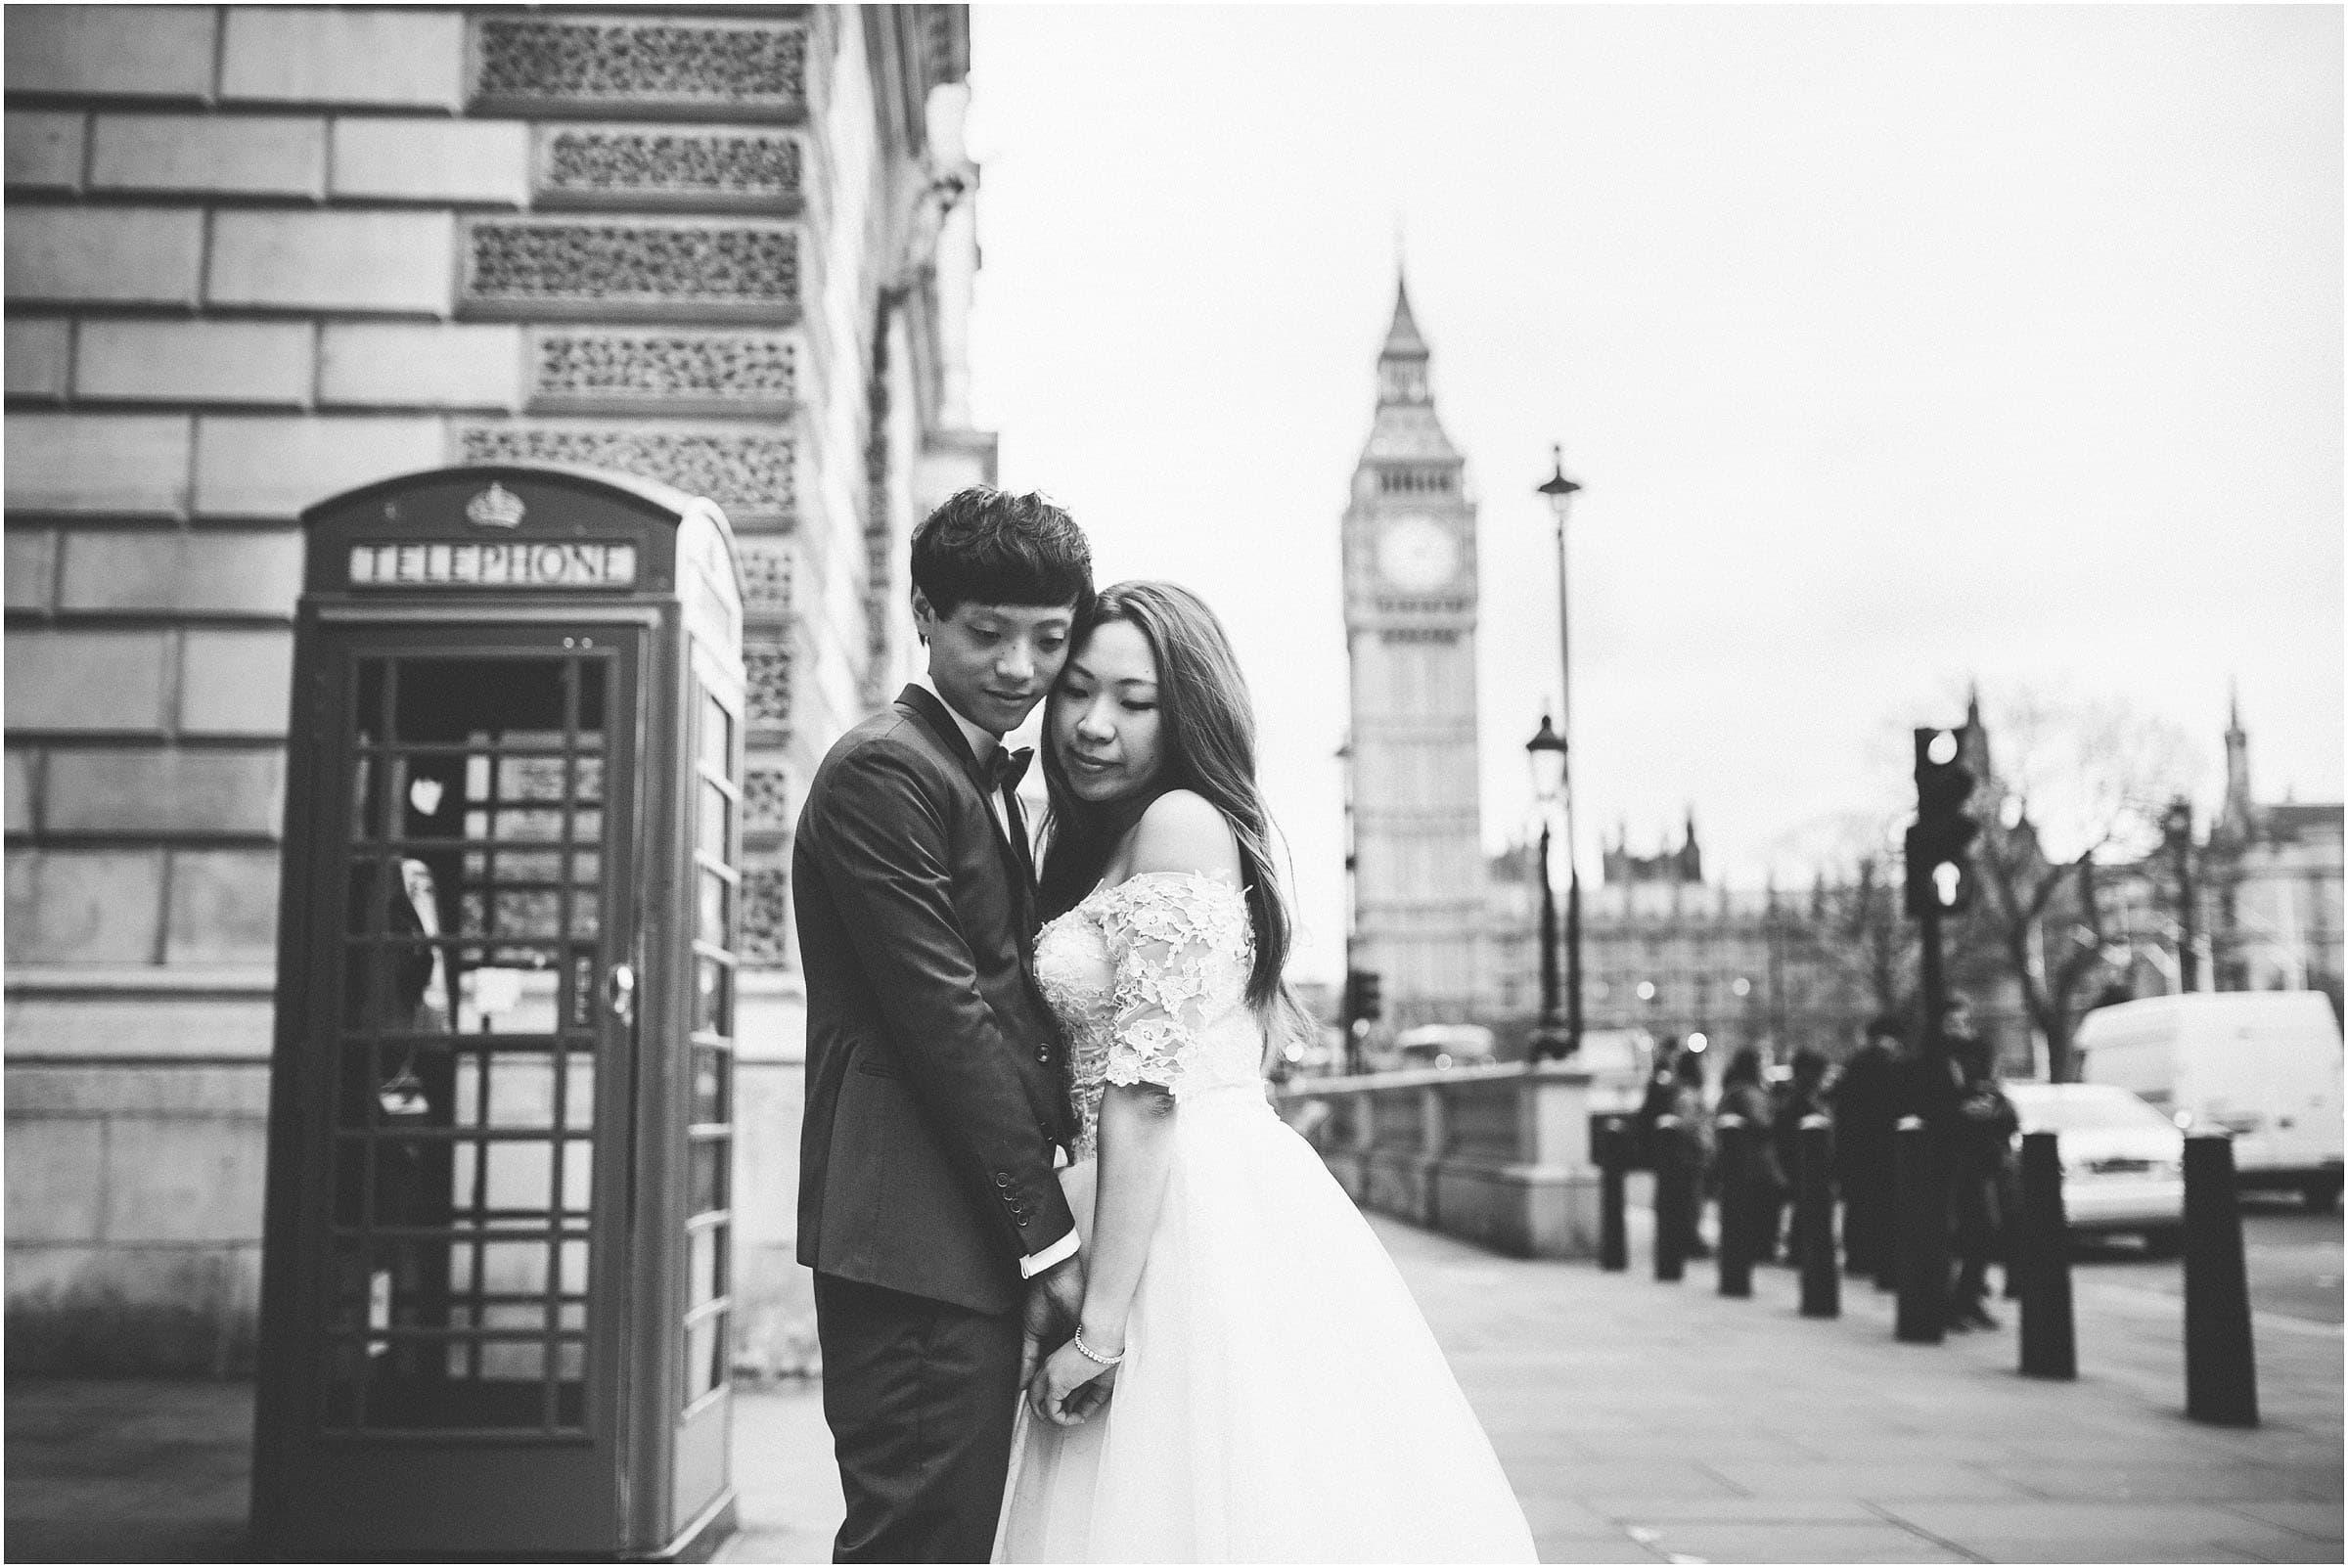 London_Portrait_Photography_0018